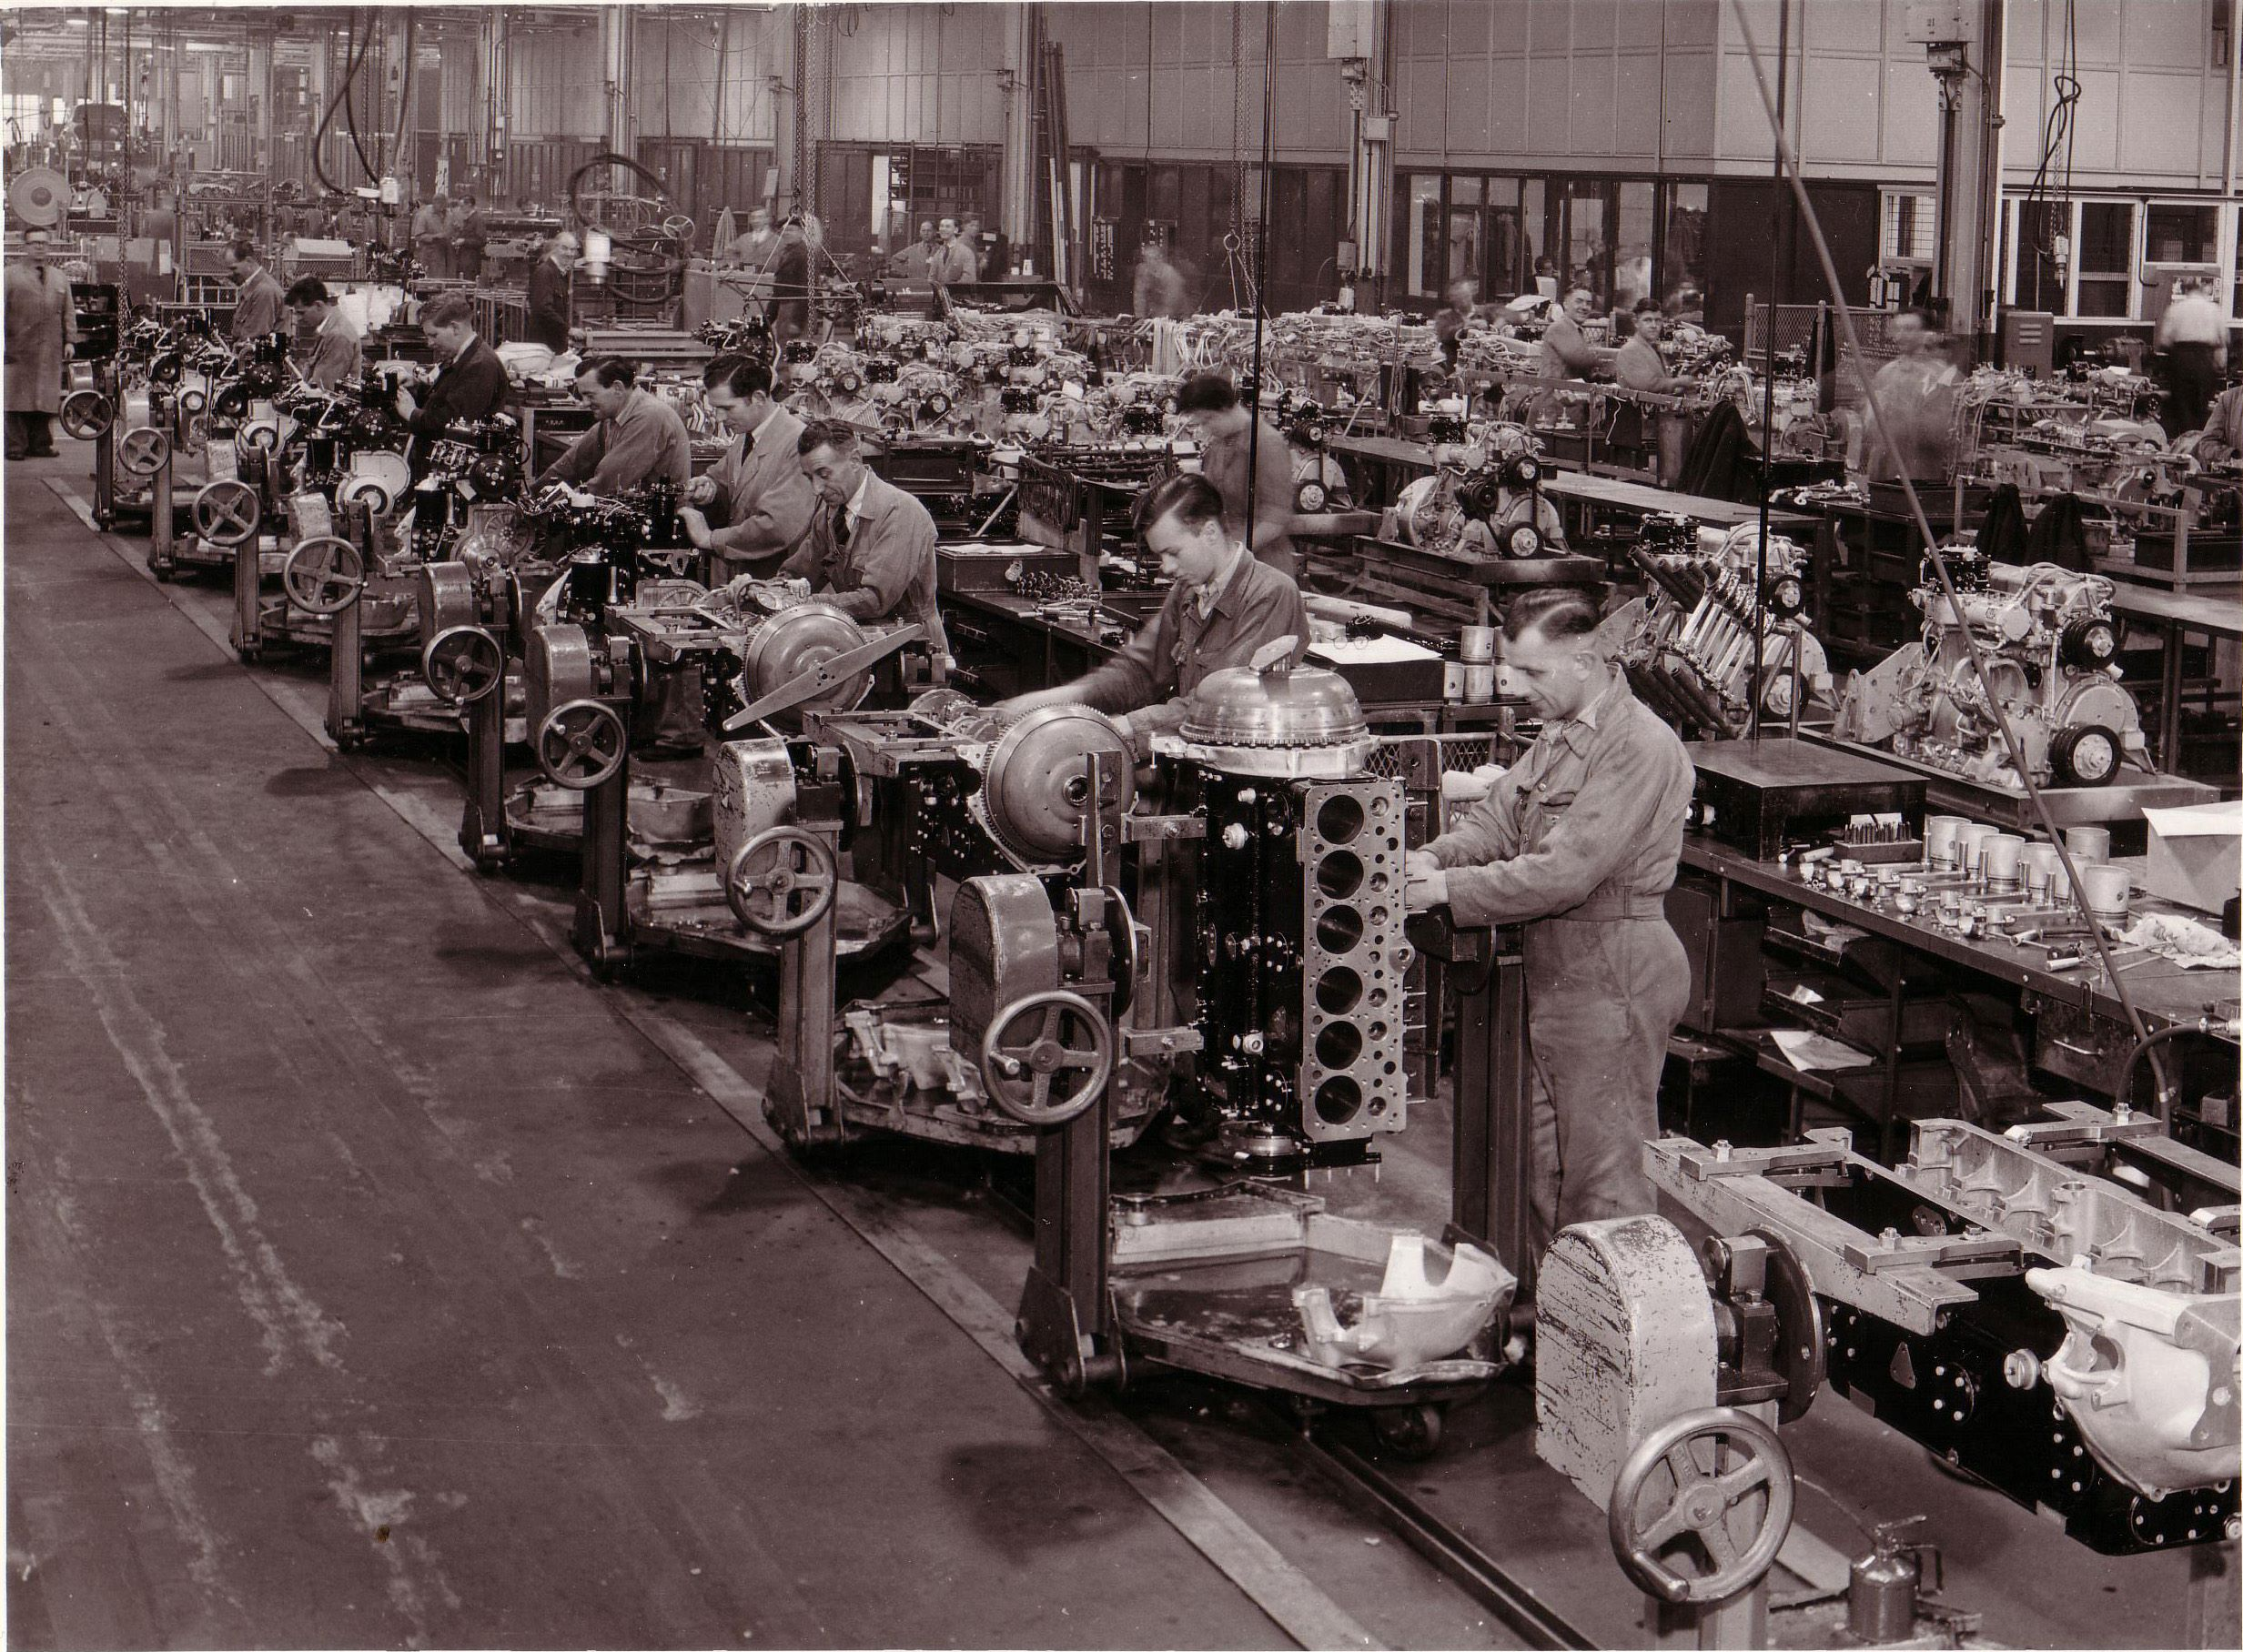 200k-12-1950sEngineproduction